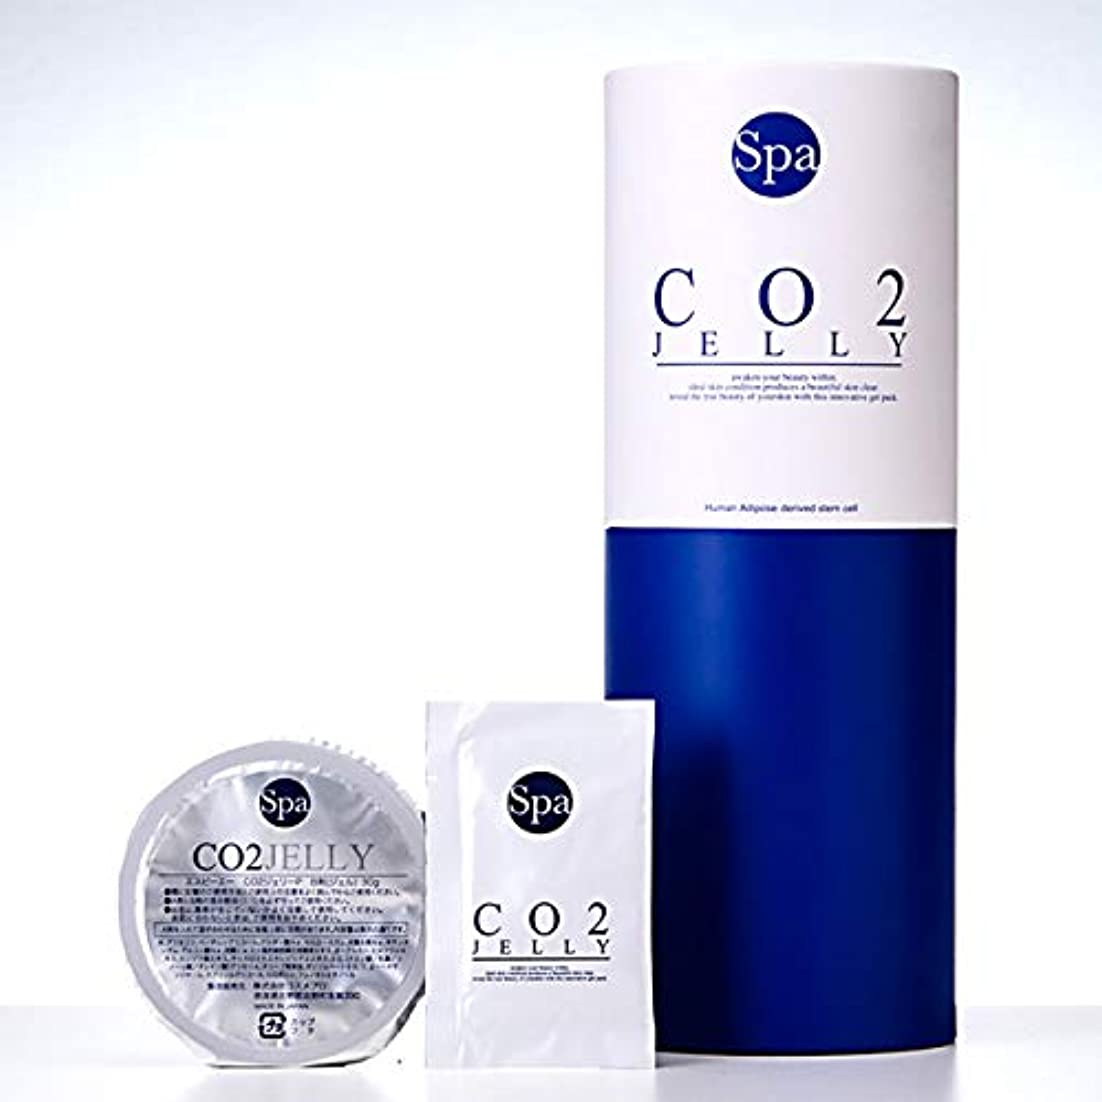 バルク治世殺人者Spa(エスピーエー)CO2 JELLY ジェリー (5回分)日本製 炭酸パック ジェル